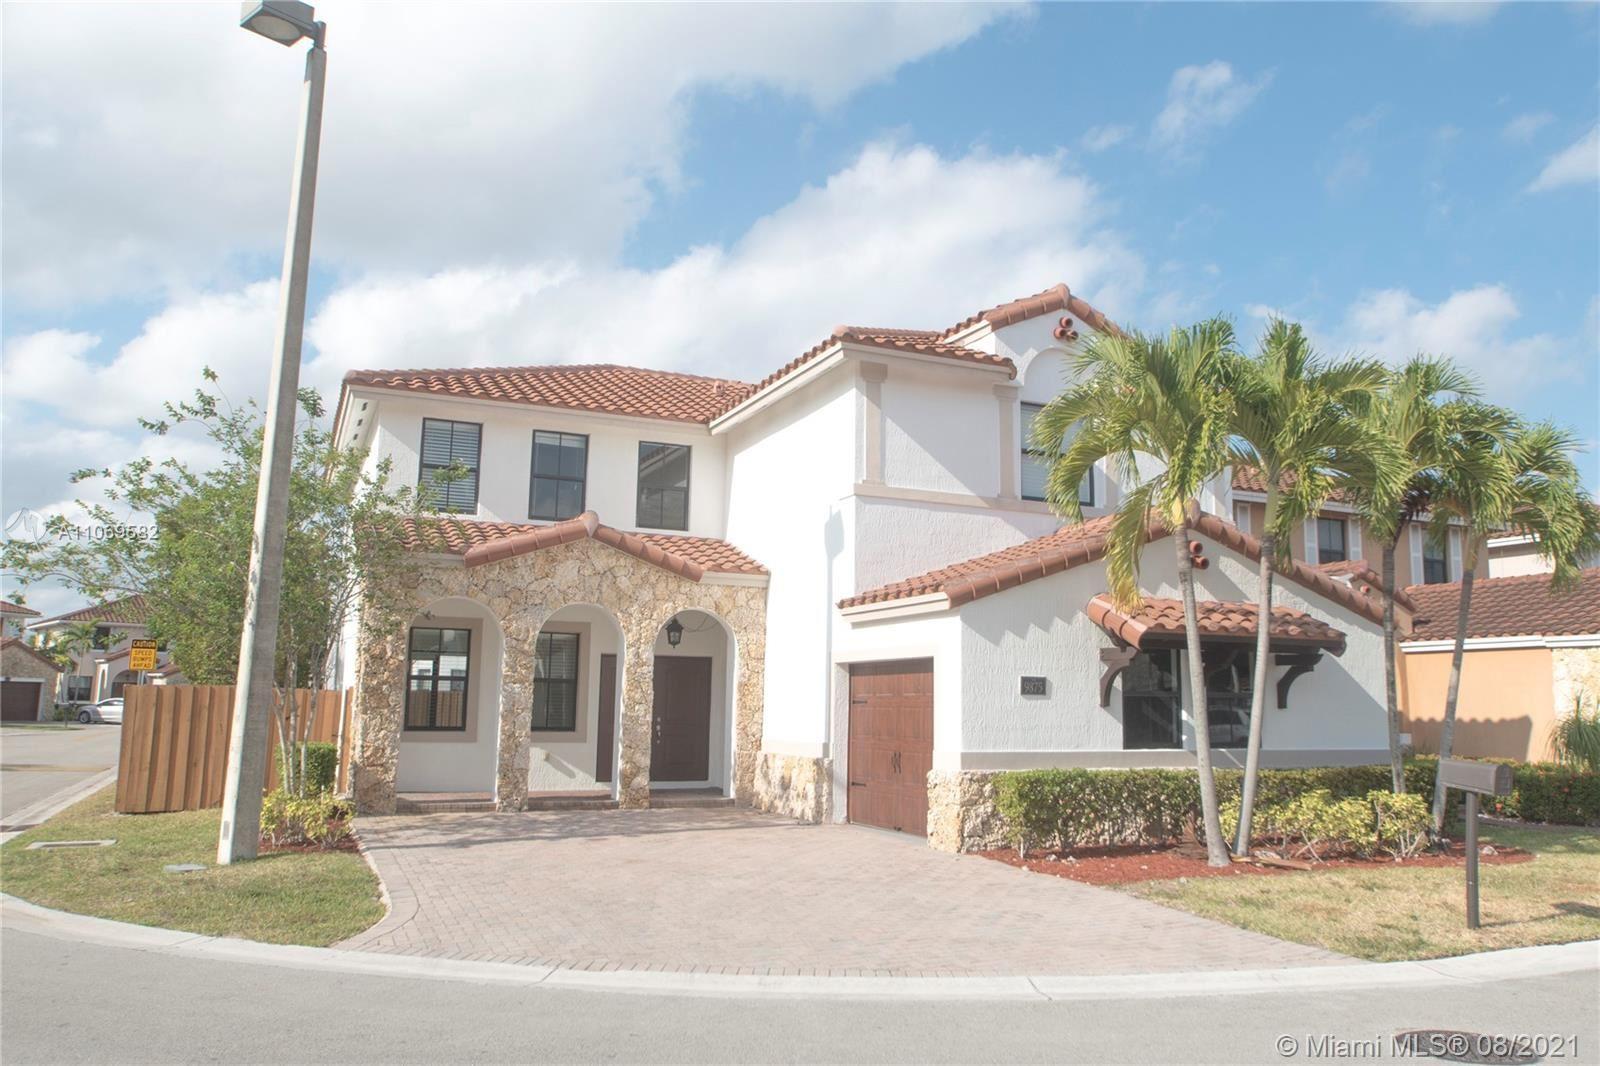 9875 NW 10th St, Miami, FL 33172 - #: A11069582